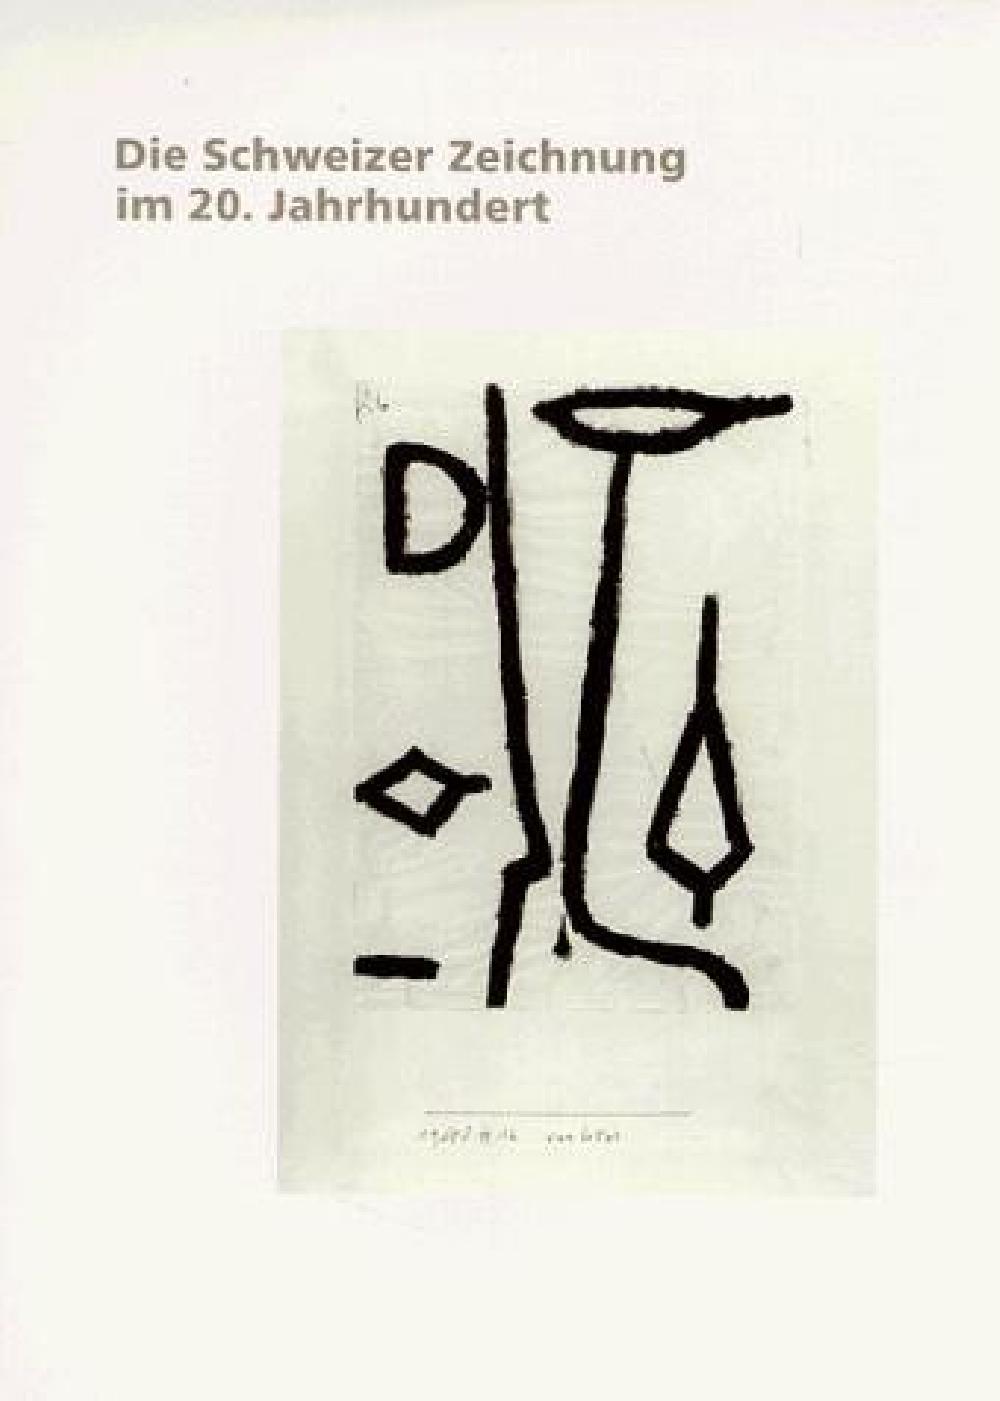 Die Schweizer Zeichnung im 20. Jahrhundert